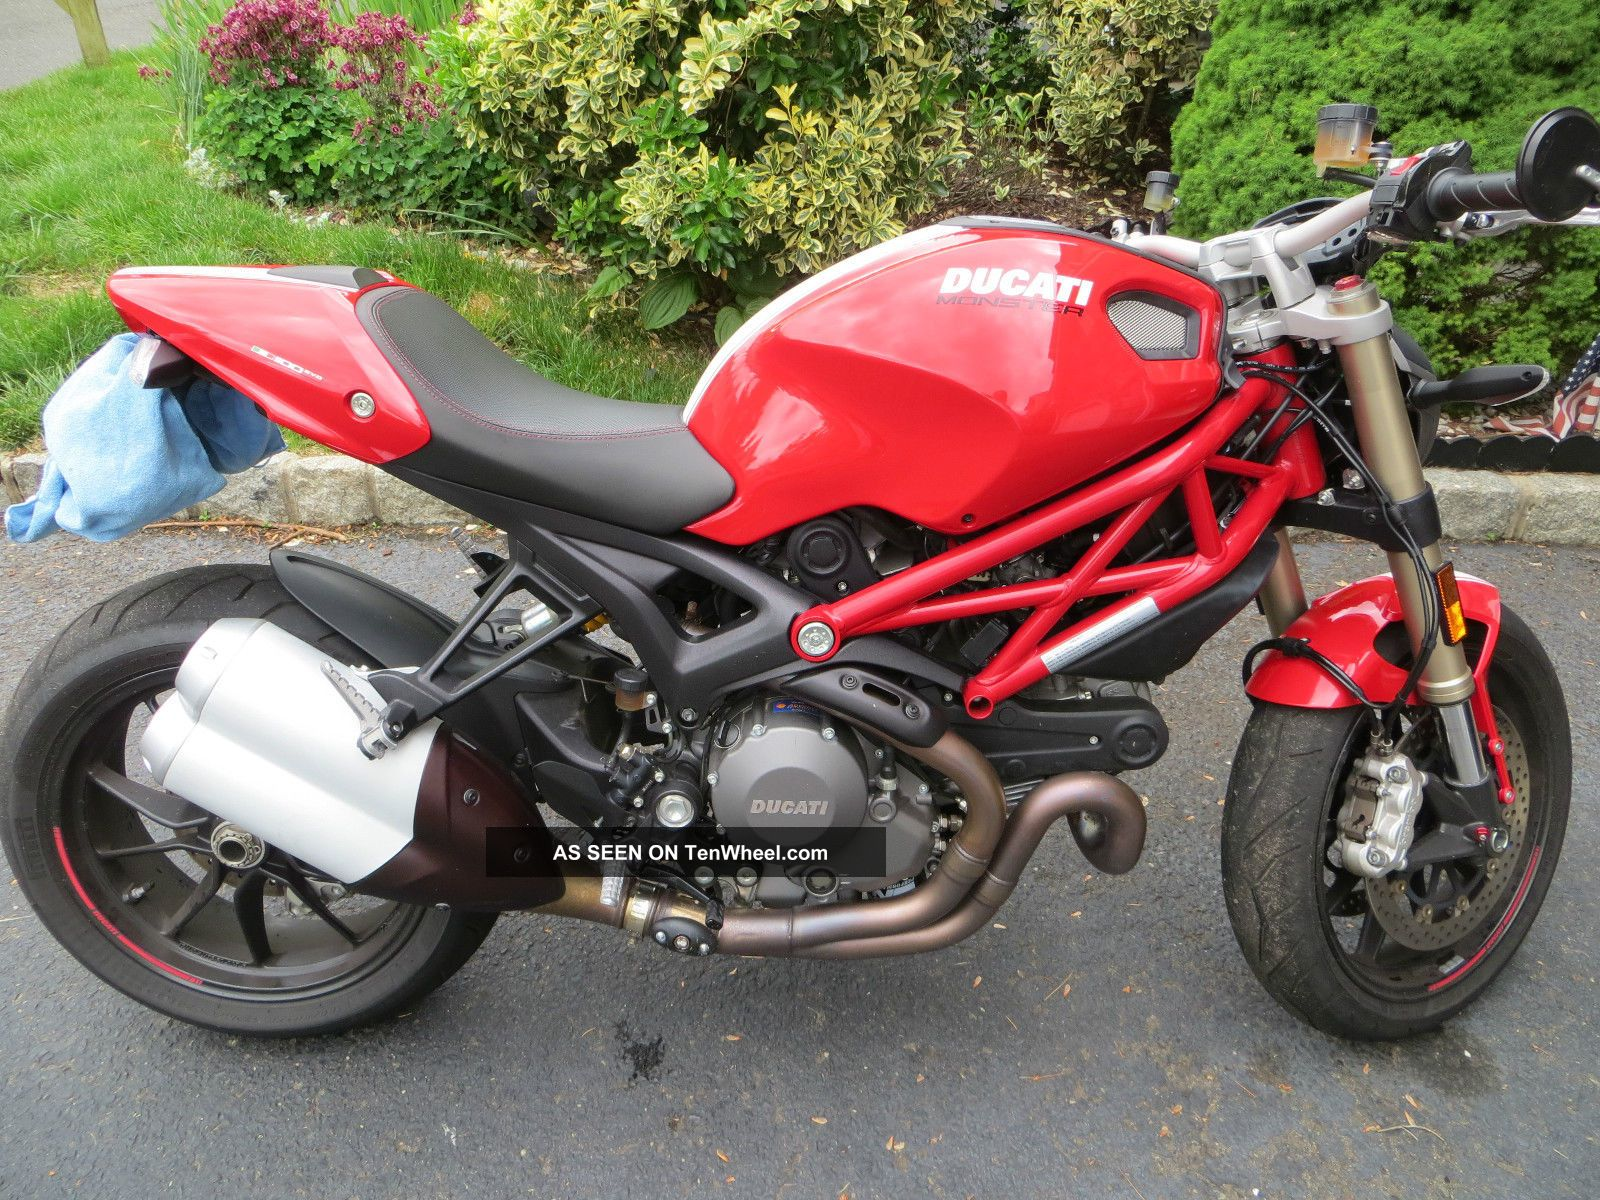 2013 Ducati Monster 1100 Evo Monster photo